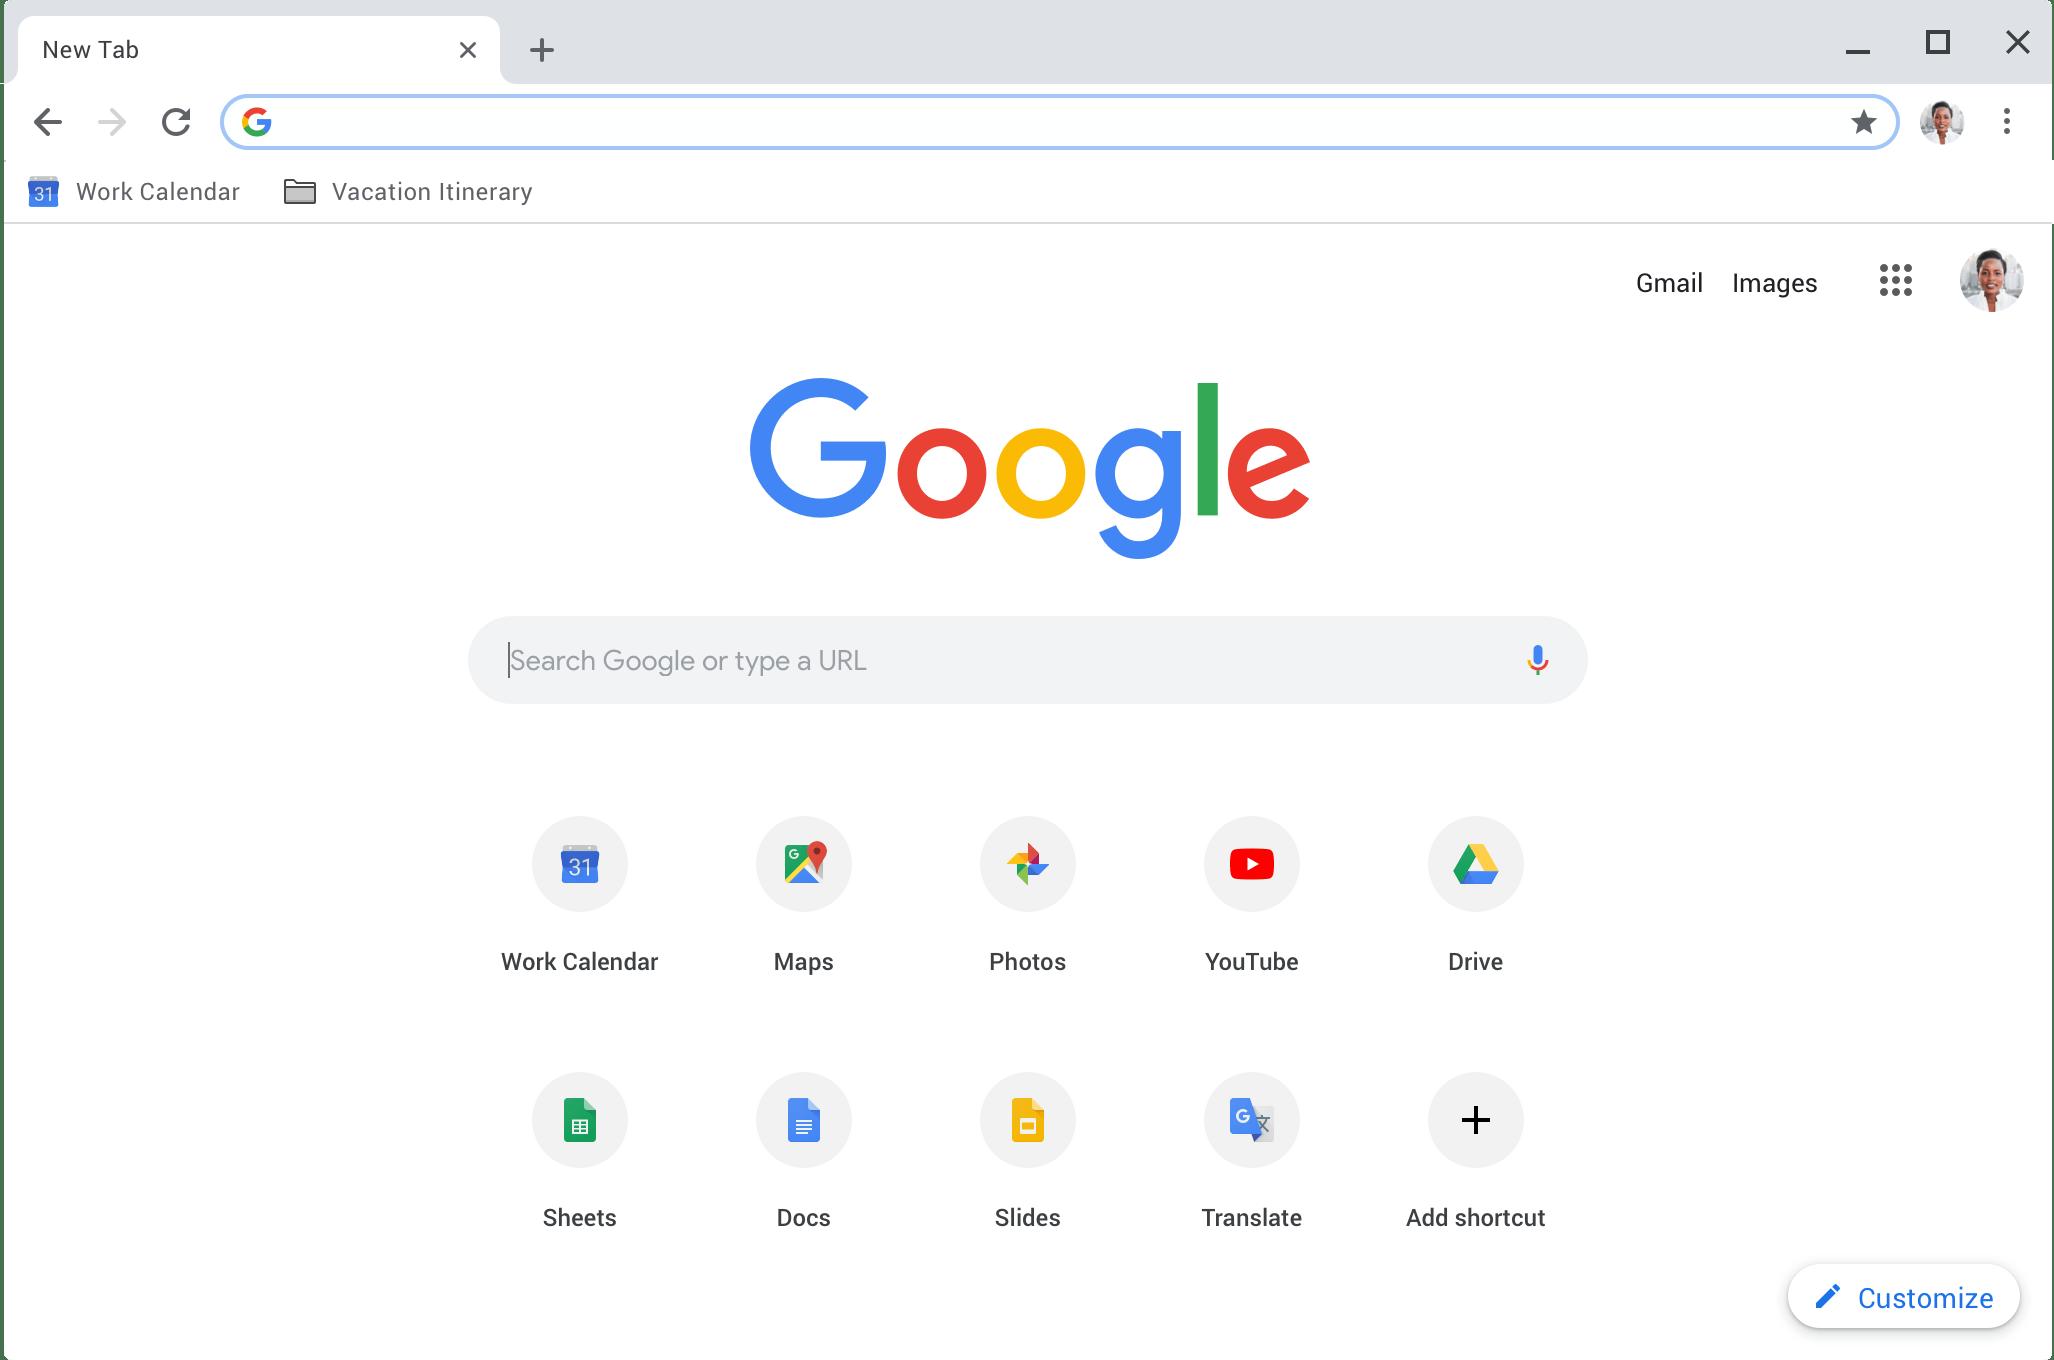 چطور همچون یک کاربر پیشرفته از جستوجوی گوگل استفاده کنیم؟